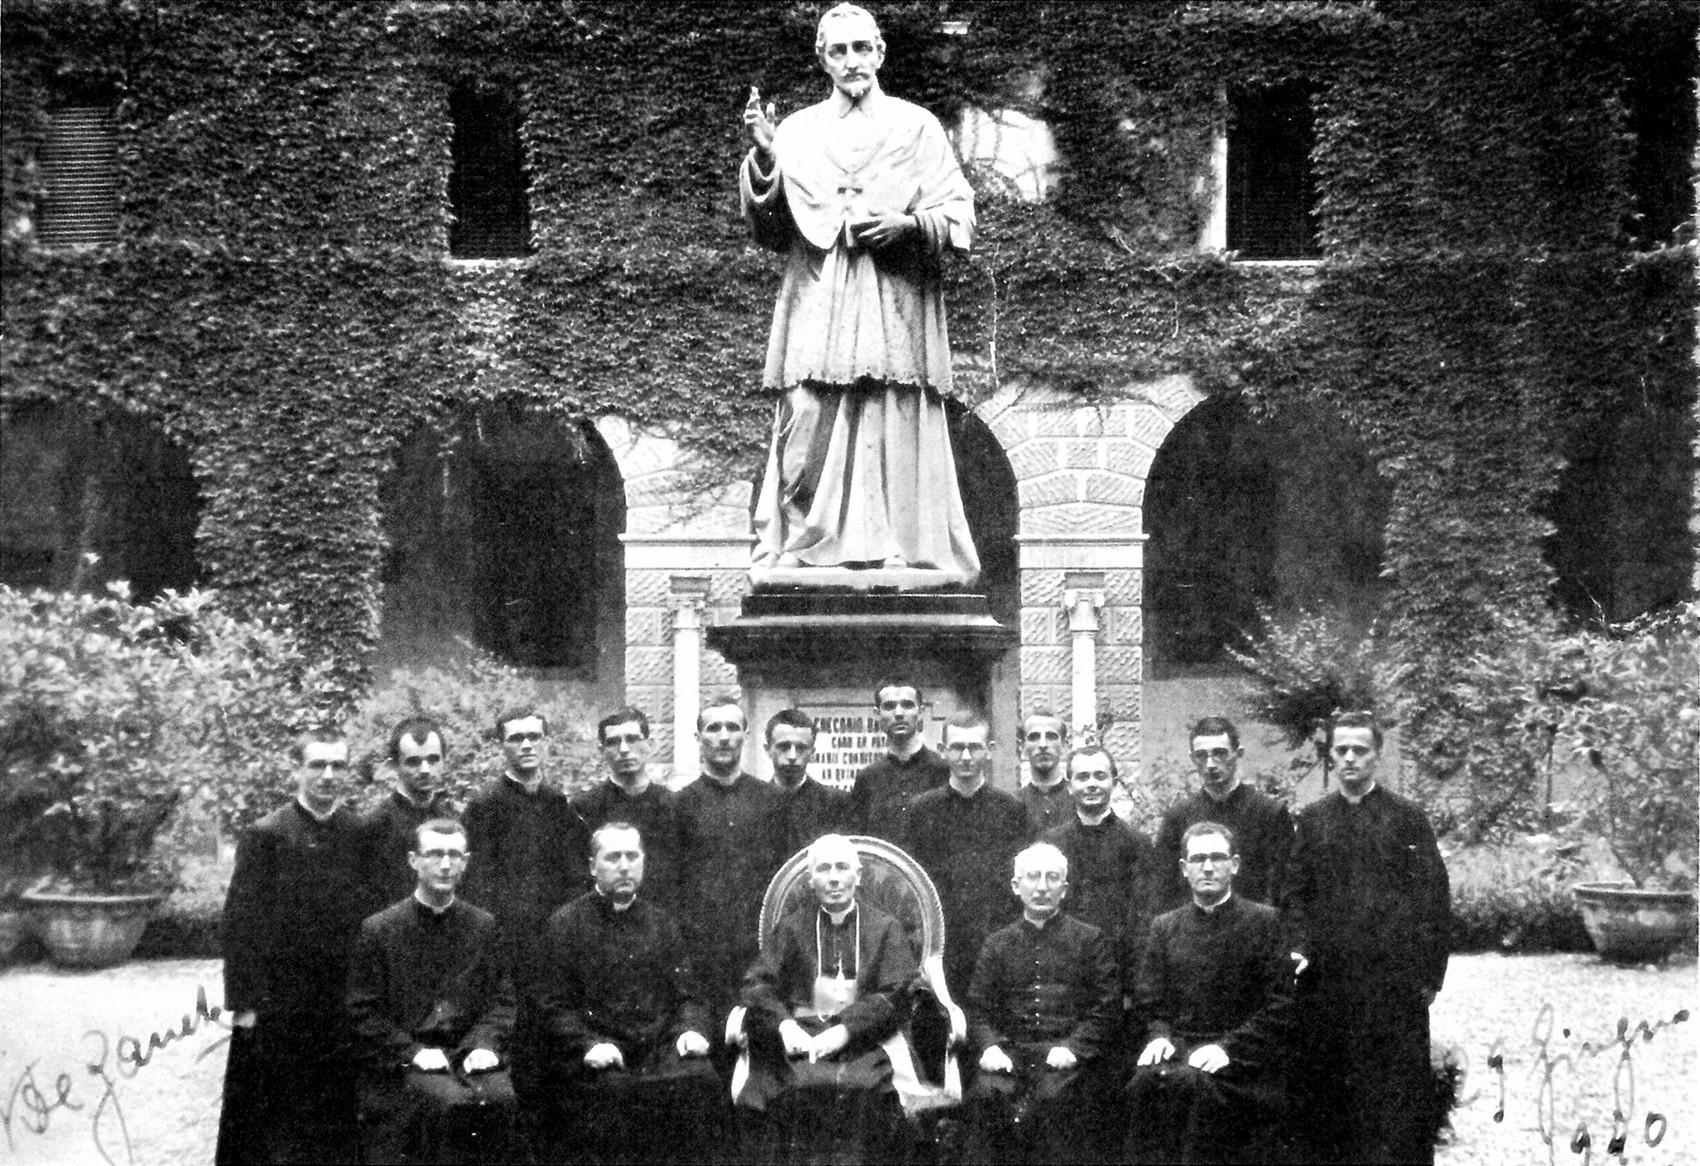 1940, Seminario Maggiore di Padova. Don Giuseppe Giacomelli è ordinato sacerdote.